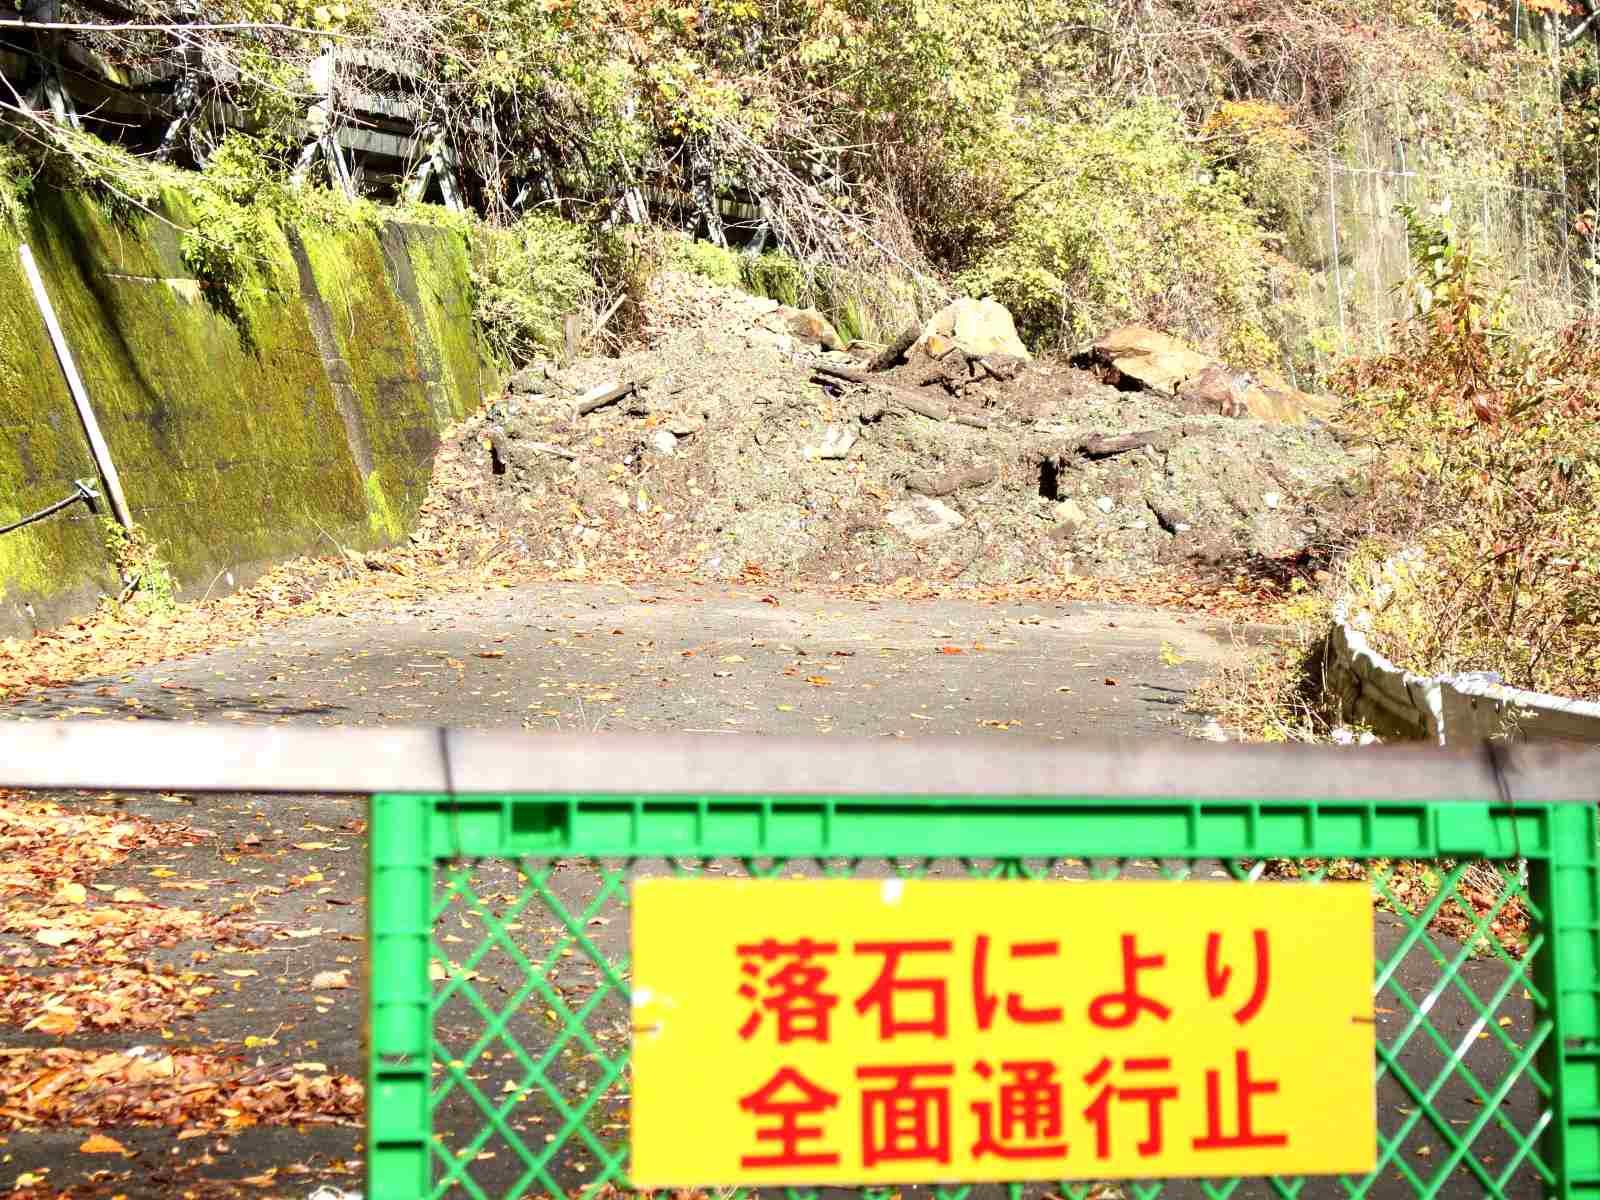 中津川林道の落石注意